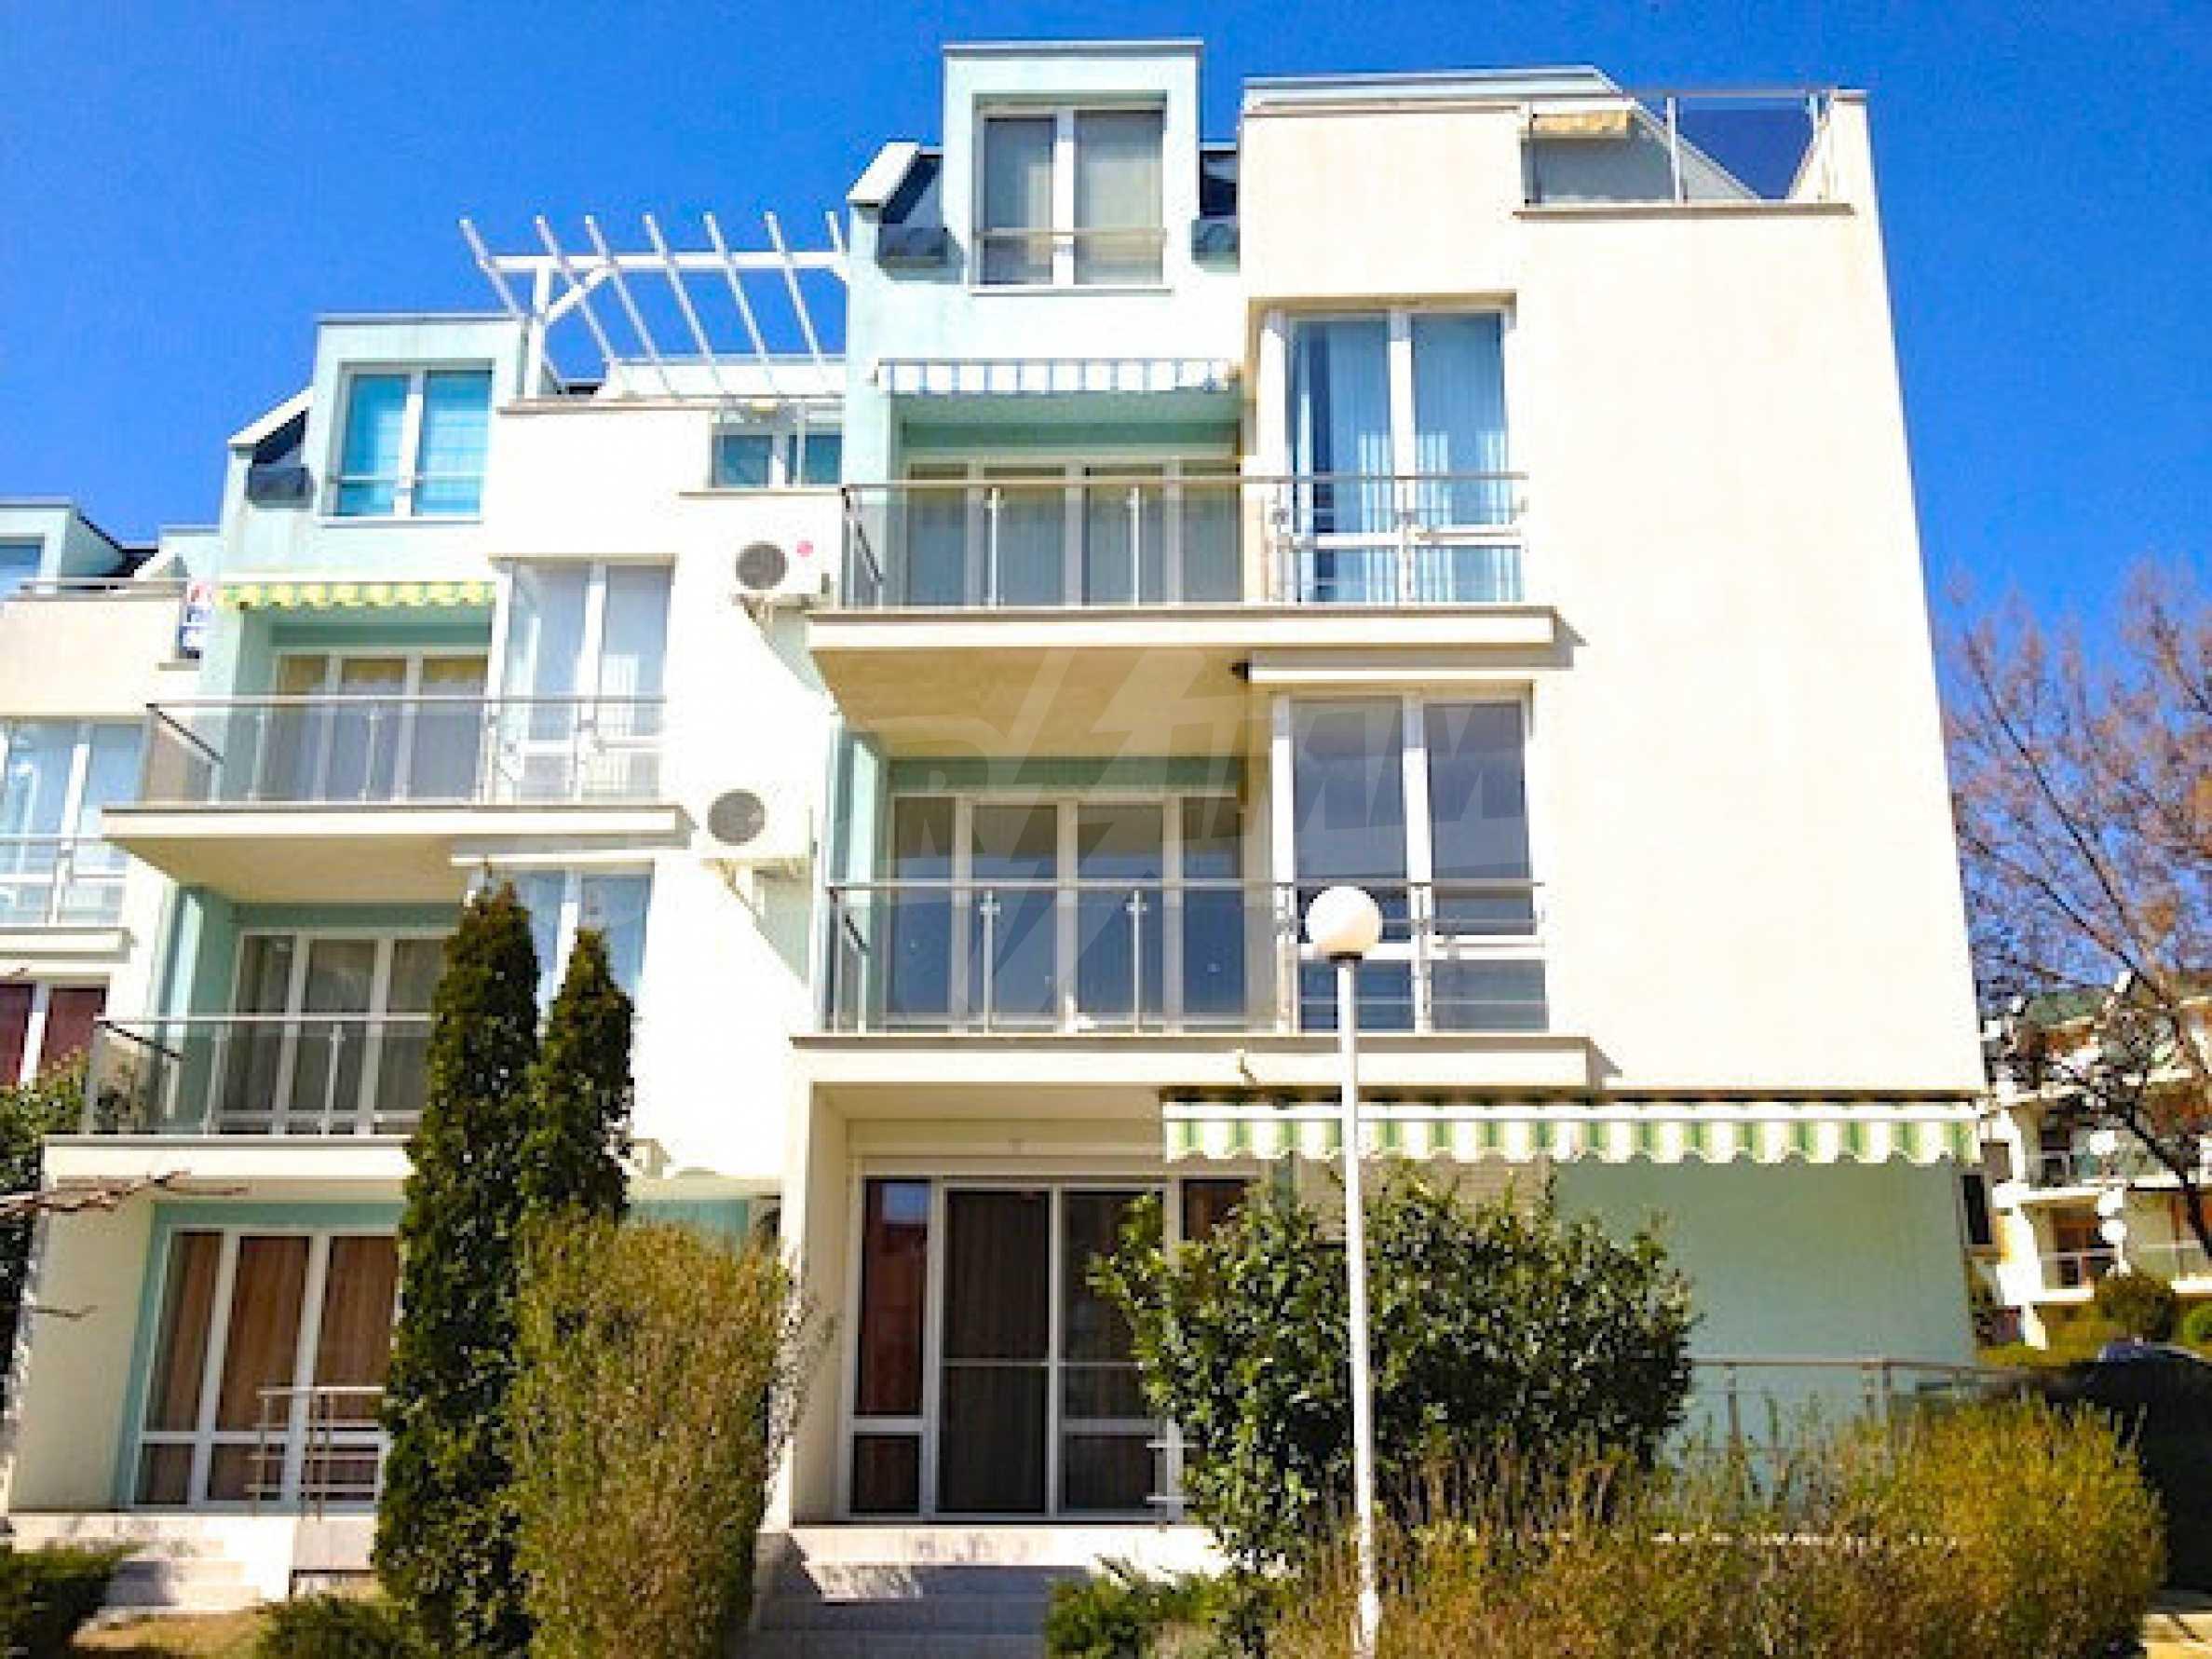 Zwei-Zimmer-Wohnung in einem Komplex 50 Meter vom Meer entfernt 15